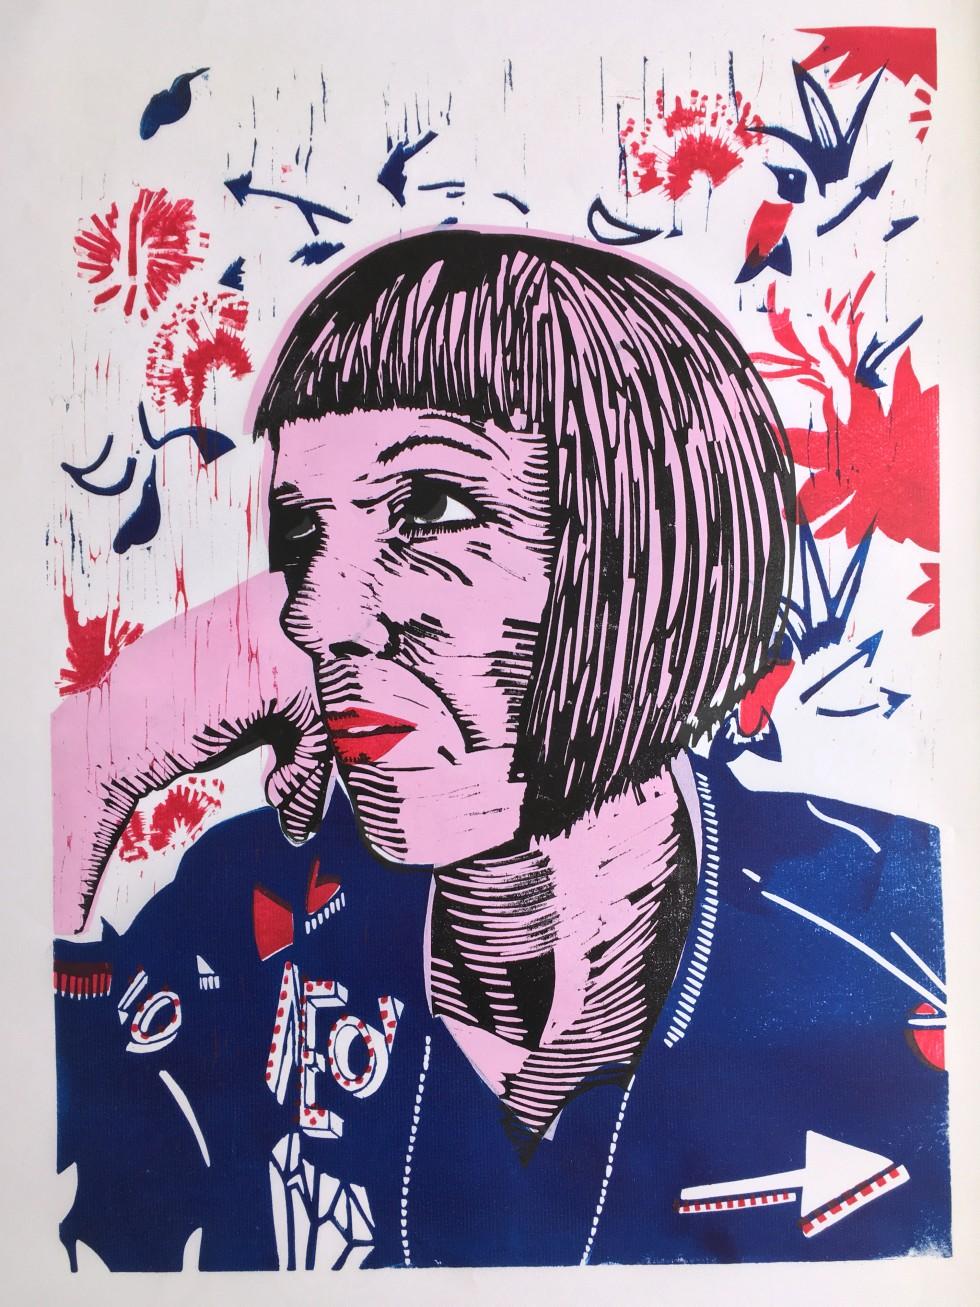 Self Portrait with Bomber Jacket £150 unframed / £300 framed Jacket